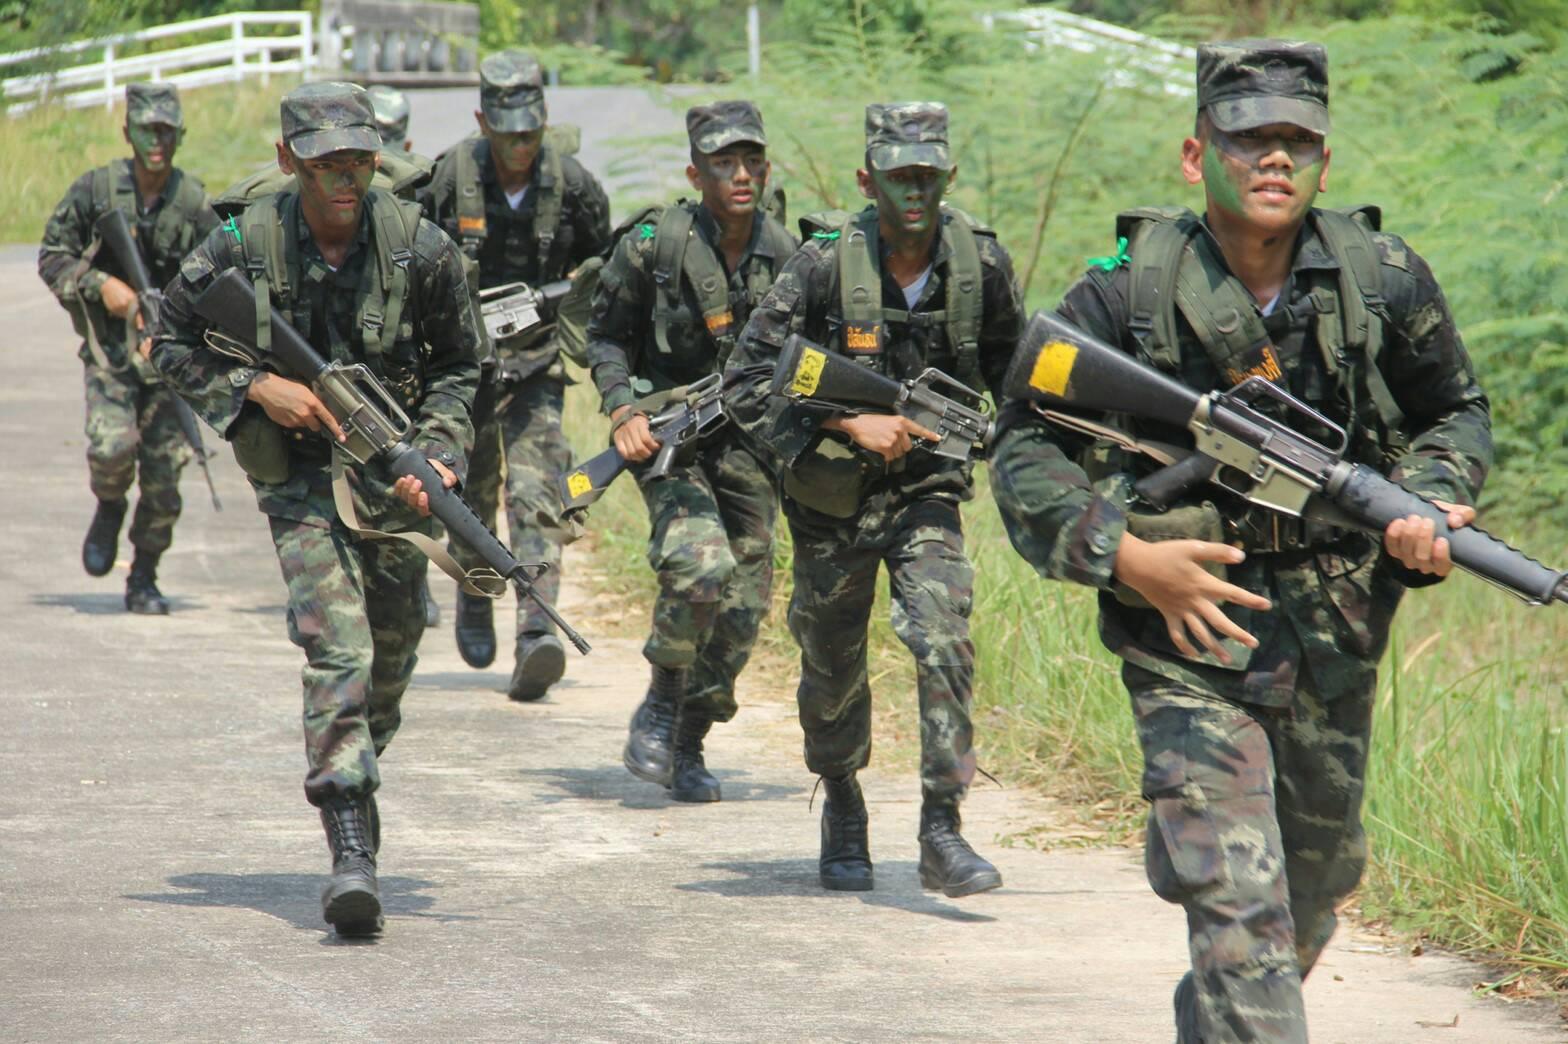 การฝึกของ นักเรียนเตรียมทหาร